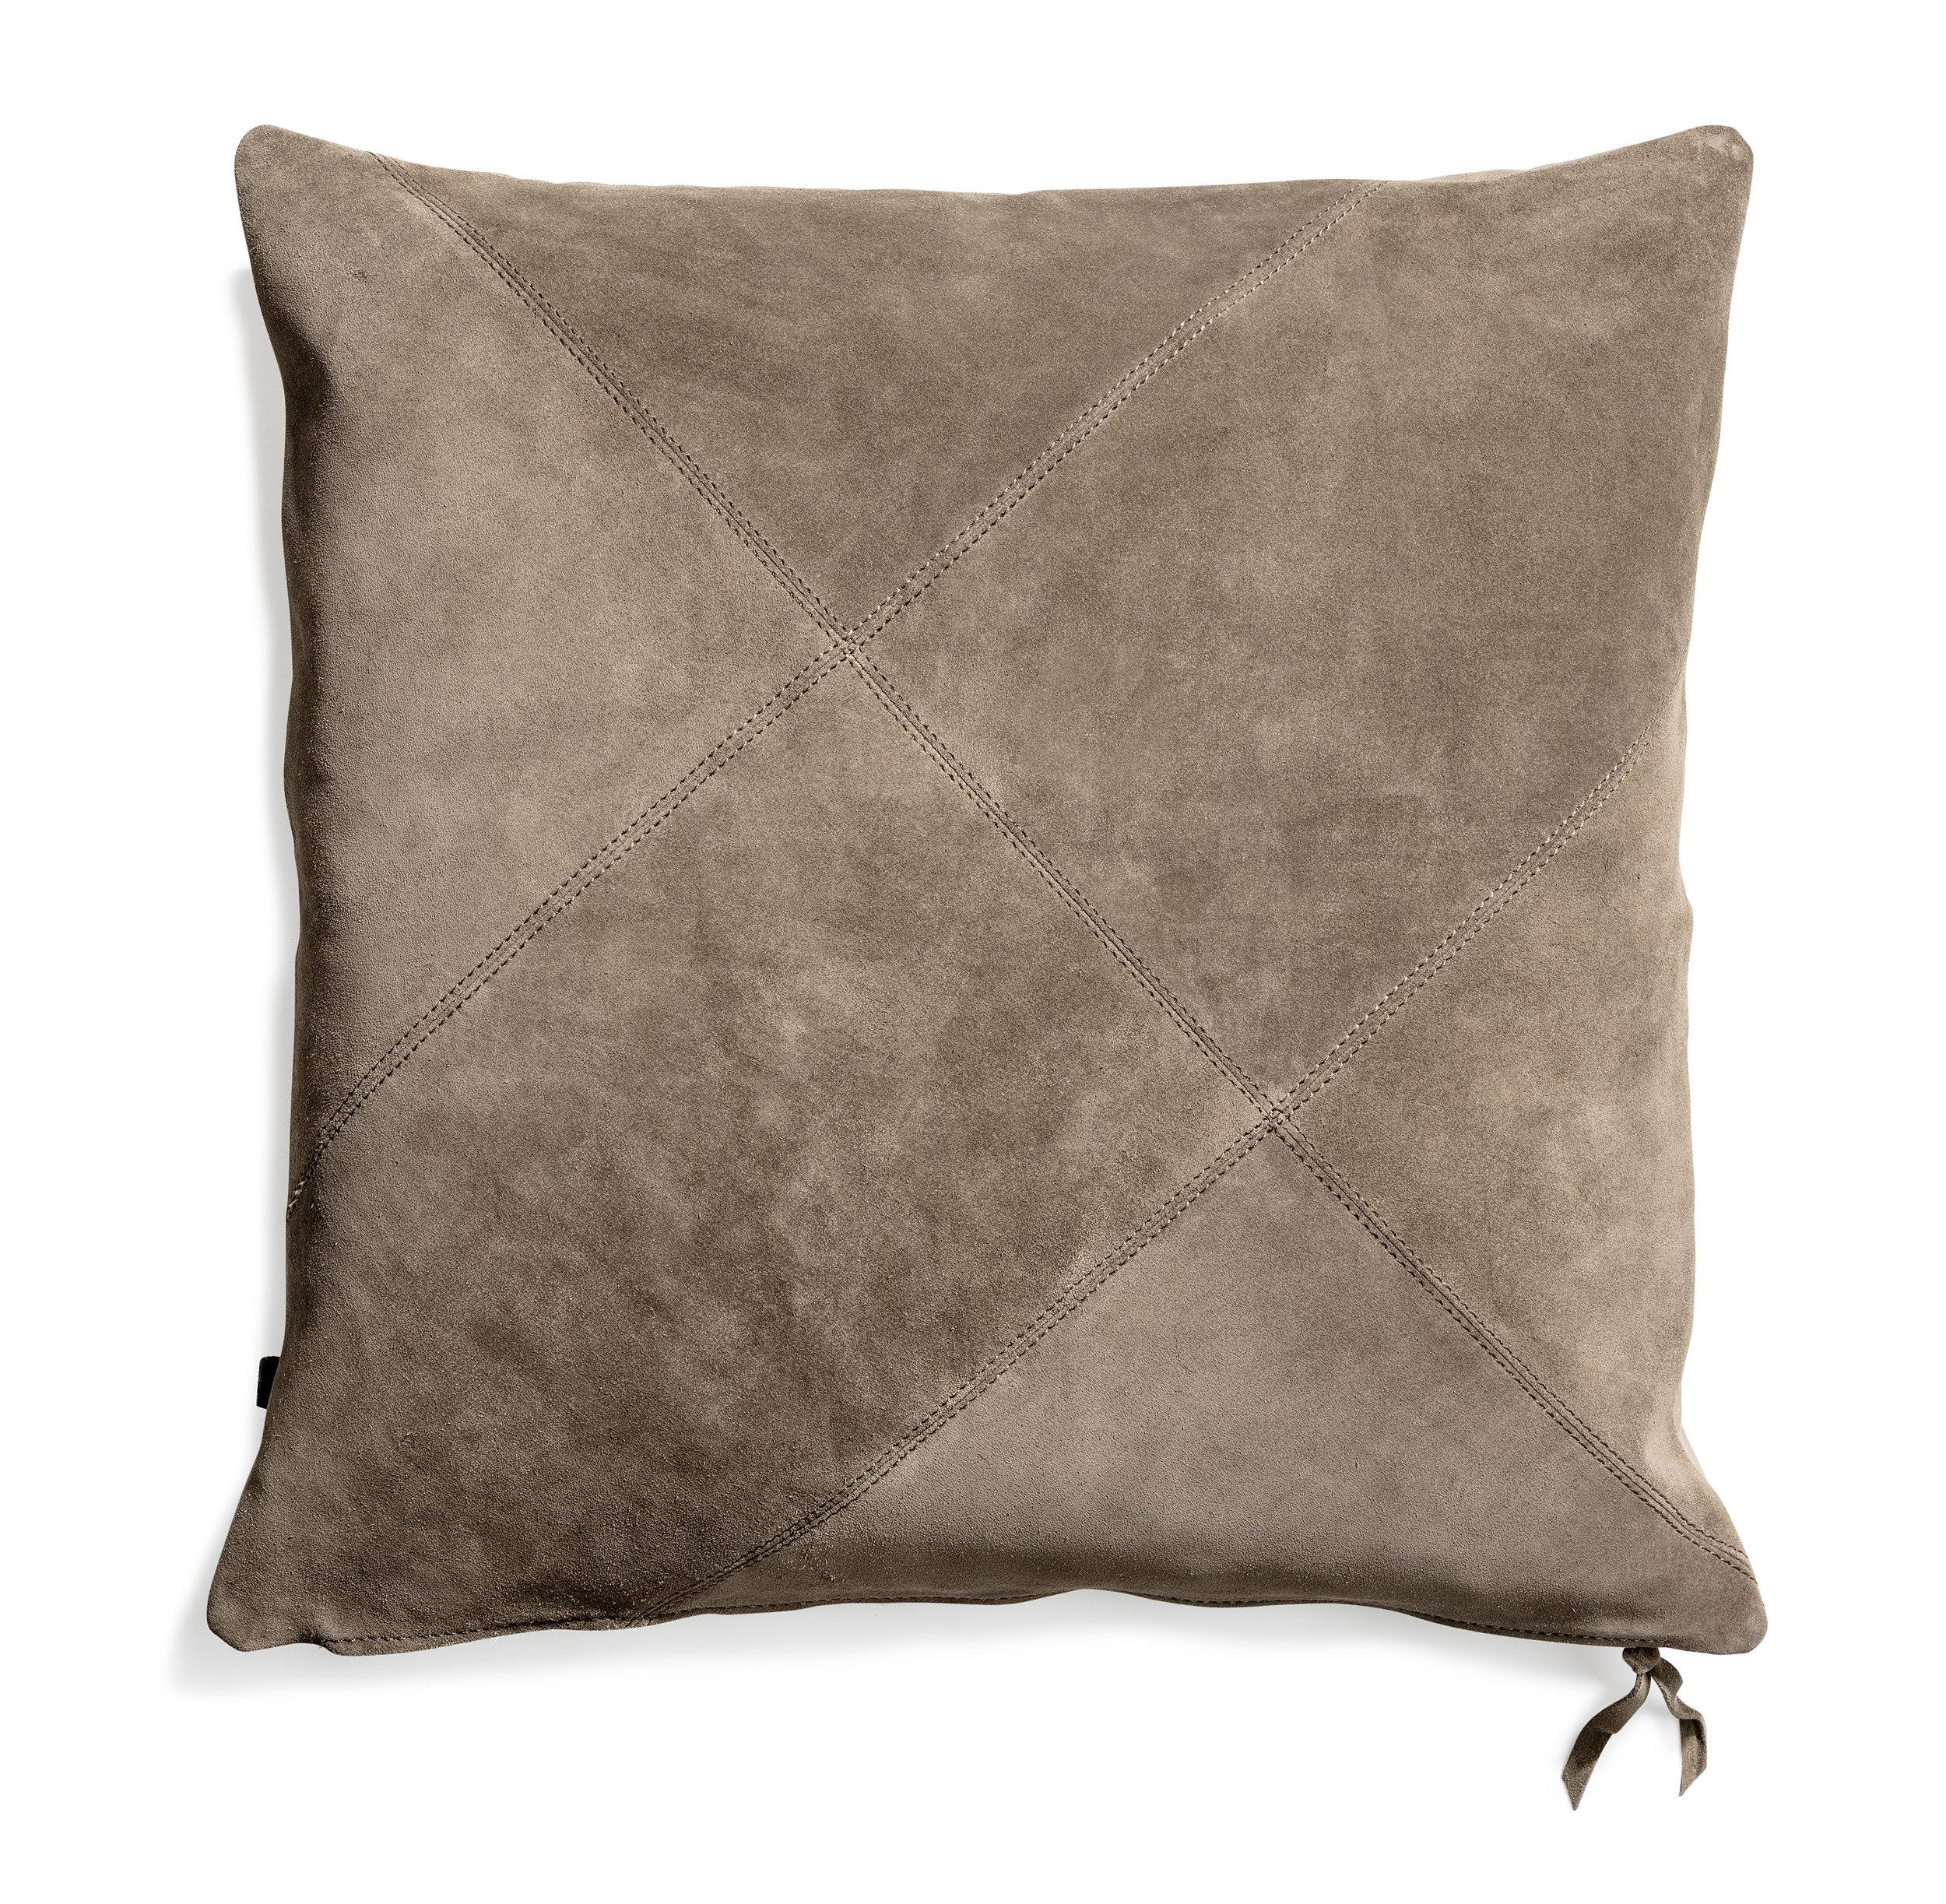 Rafety cushion Stone suede 50x50  Wrigley cushion Stone suede 60x60  Banf cushion Stone 70x70